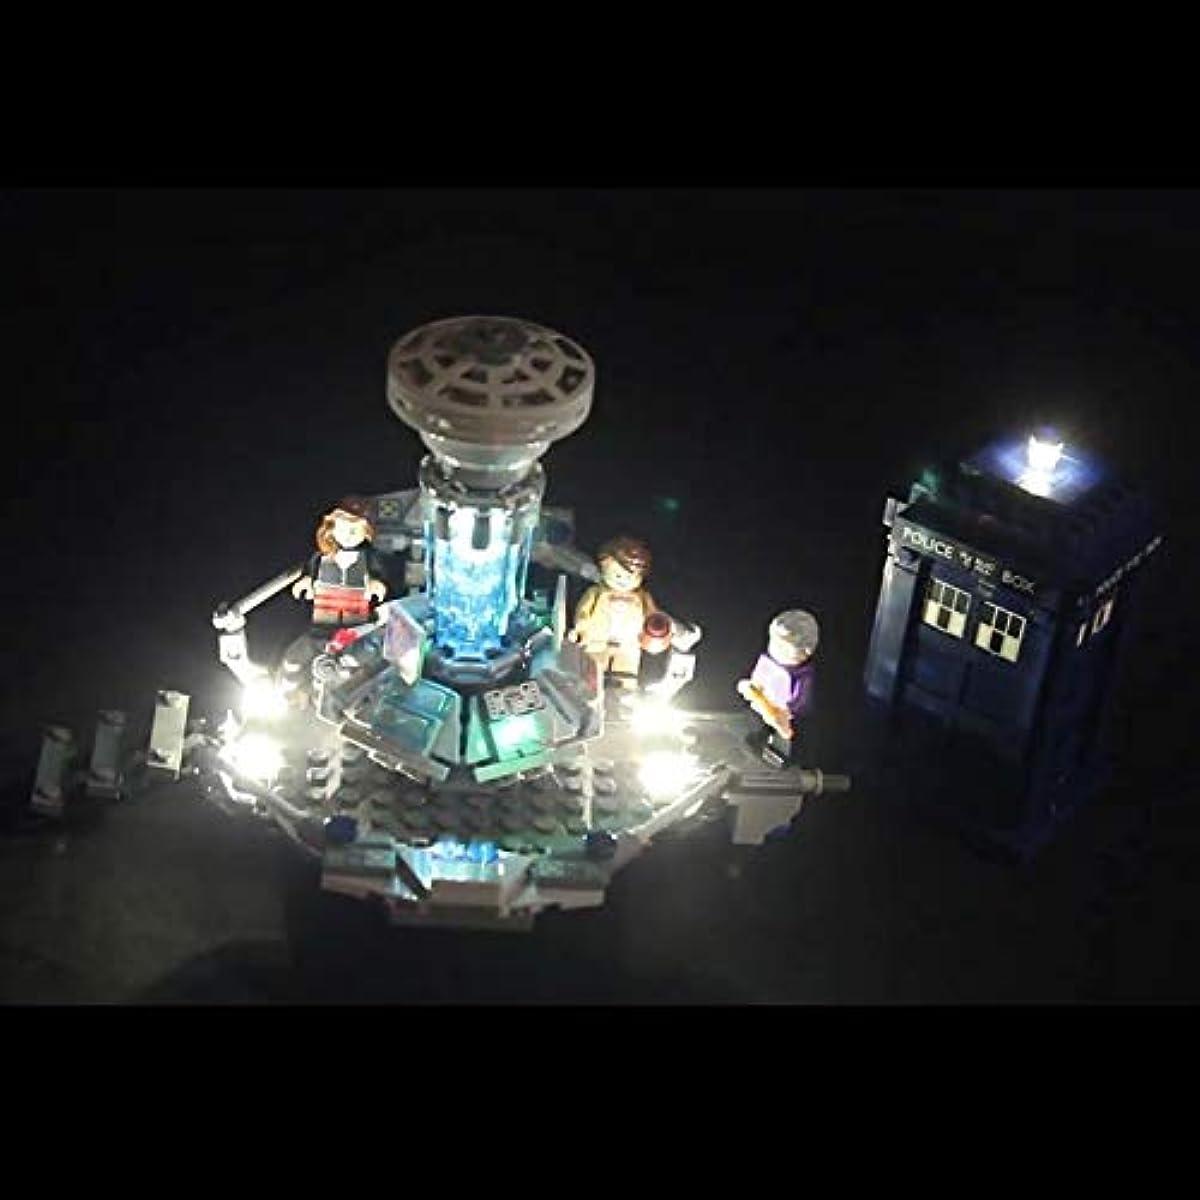 [해외] LEGO 레고 아이디어 21304 호환 닥터who LED 라이트 키트